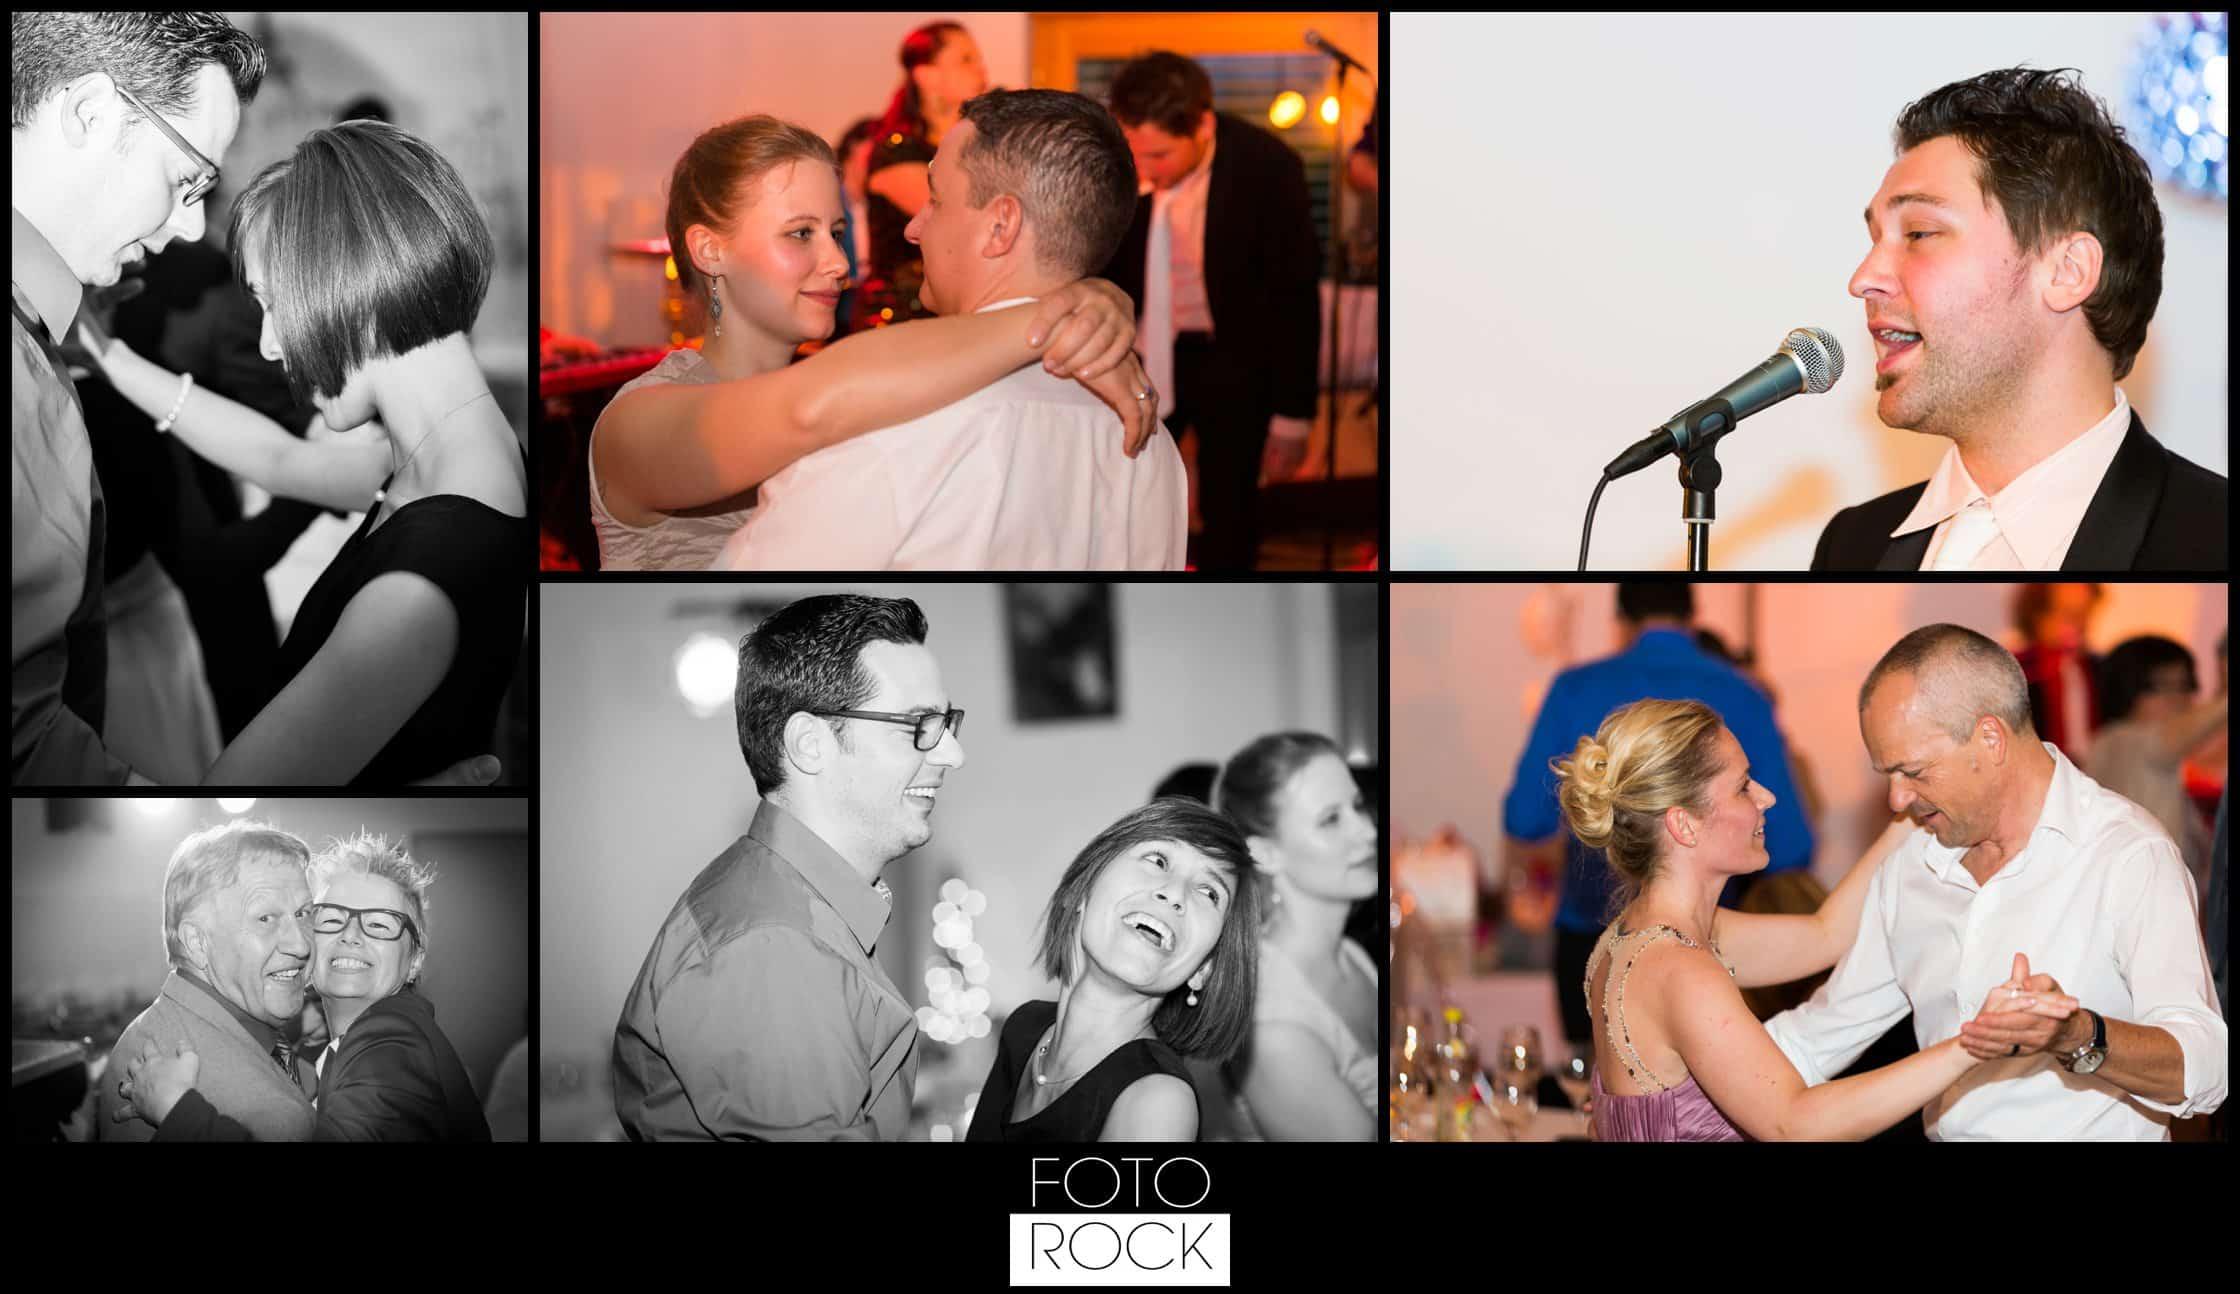 Hochzeit Vitra Design Museum Weil am Rhein Tanzen Party Randy Club